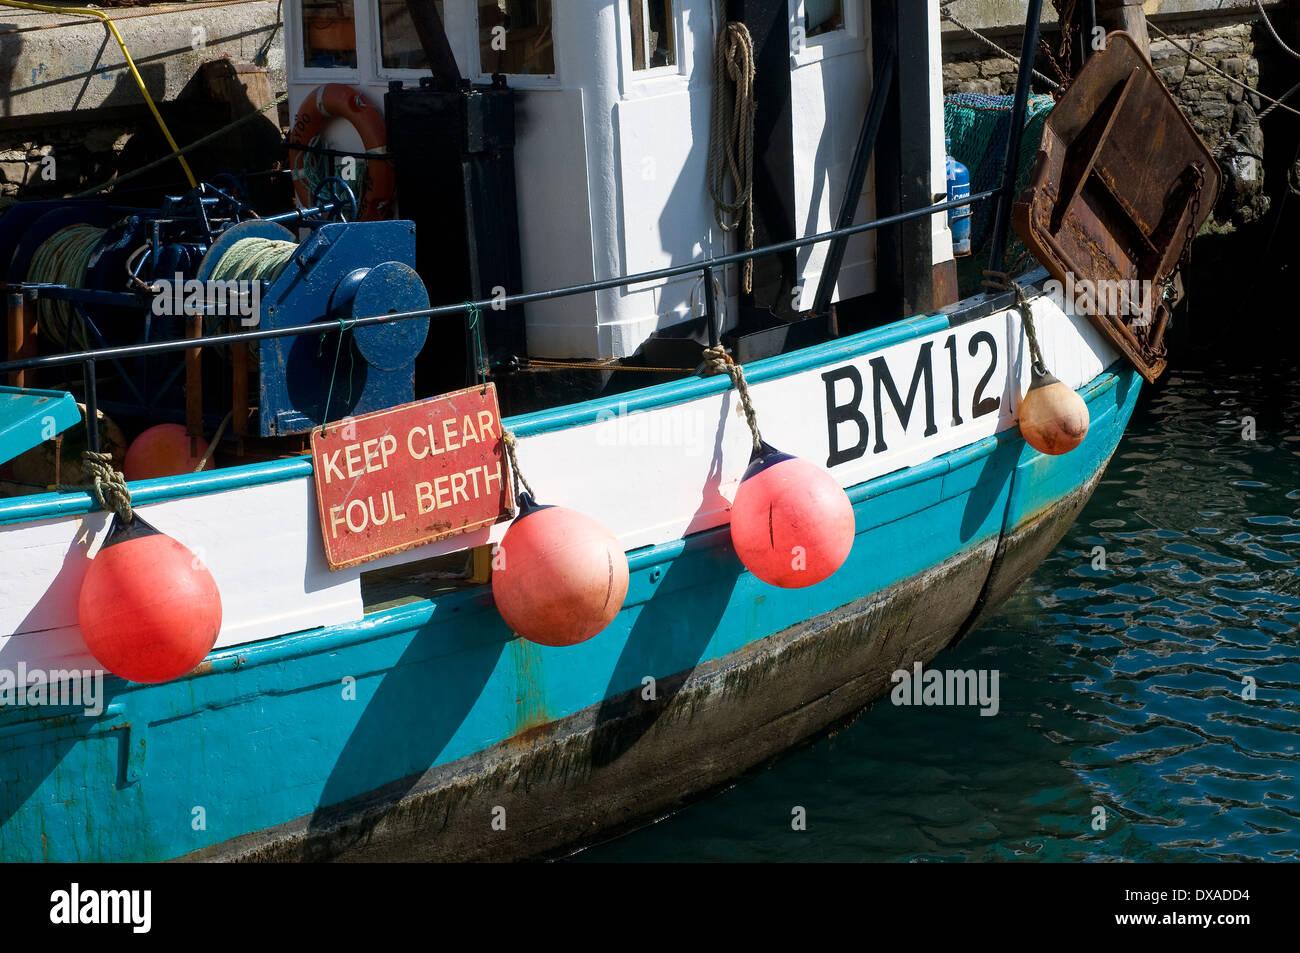 Brixham Fischereiflotte, bm 12, halten klaren foul Liegeplatz, foul Liegeplatz, Mast, Masten, Freizeit, Nautik, Seemann, Ma, Trap, Rockport, Horizont Stockbild